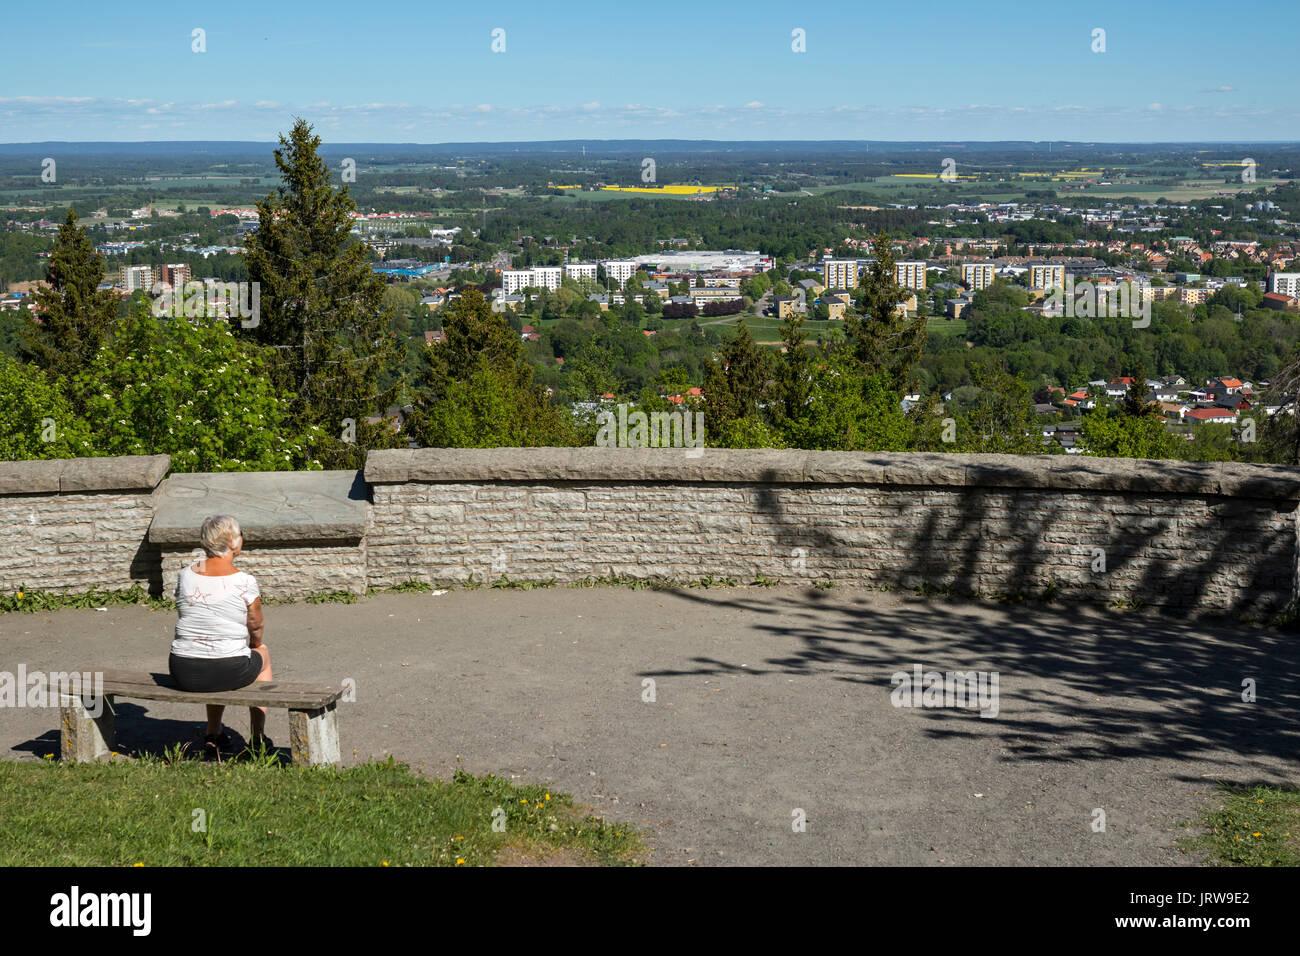 Vista desde el punto de vista Billingen, Table Mountain, Skövde, Västergötland, Suecia Foto de stock